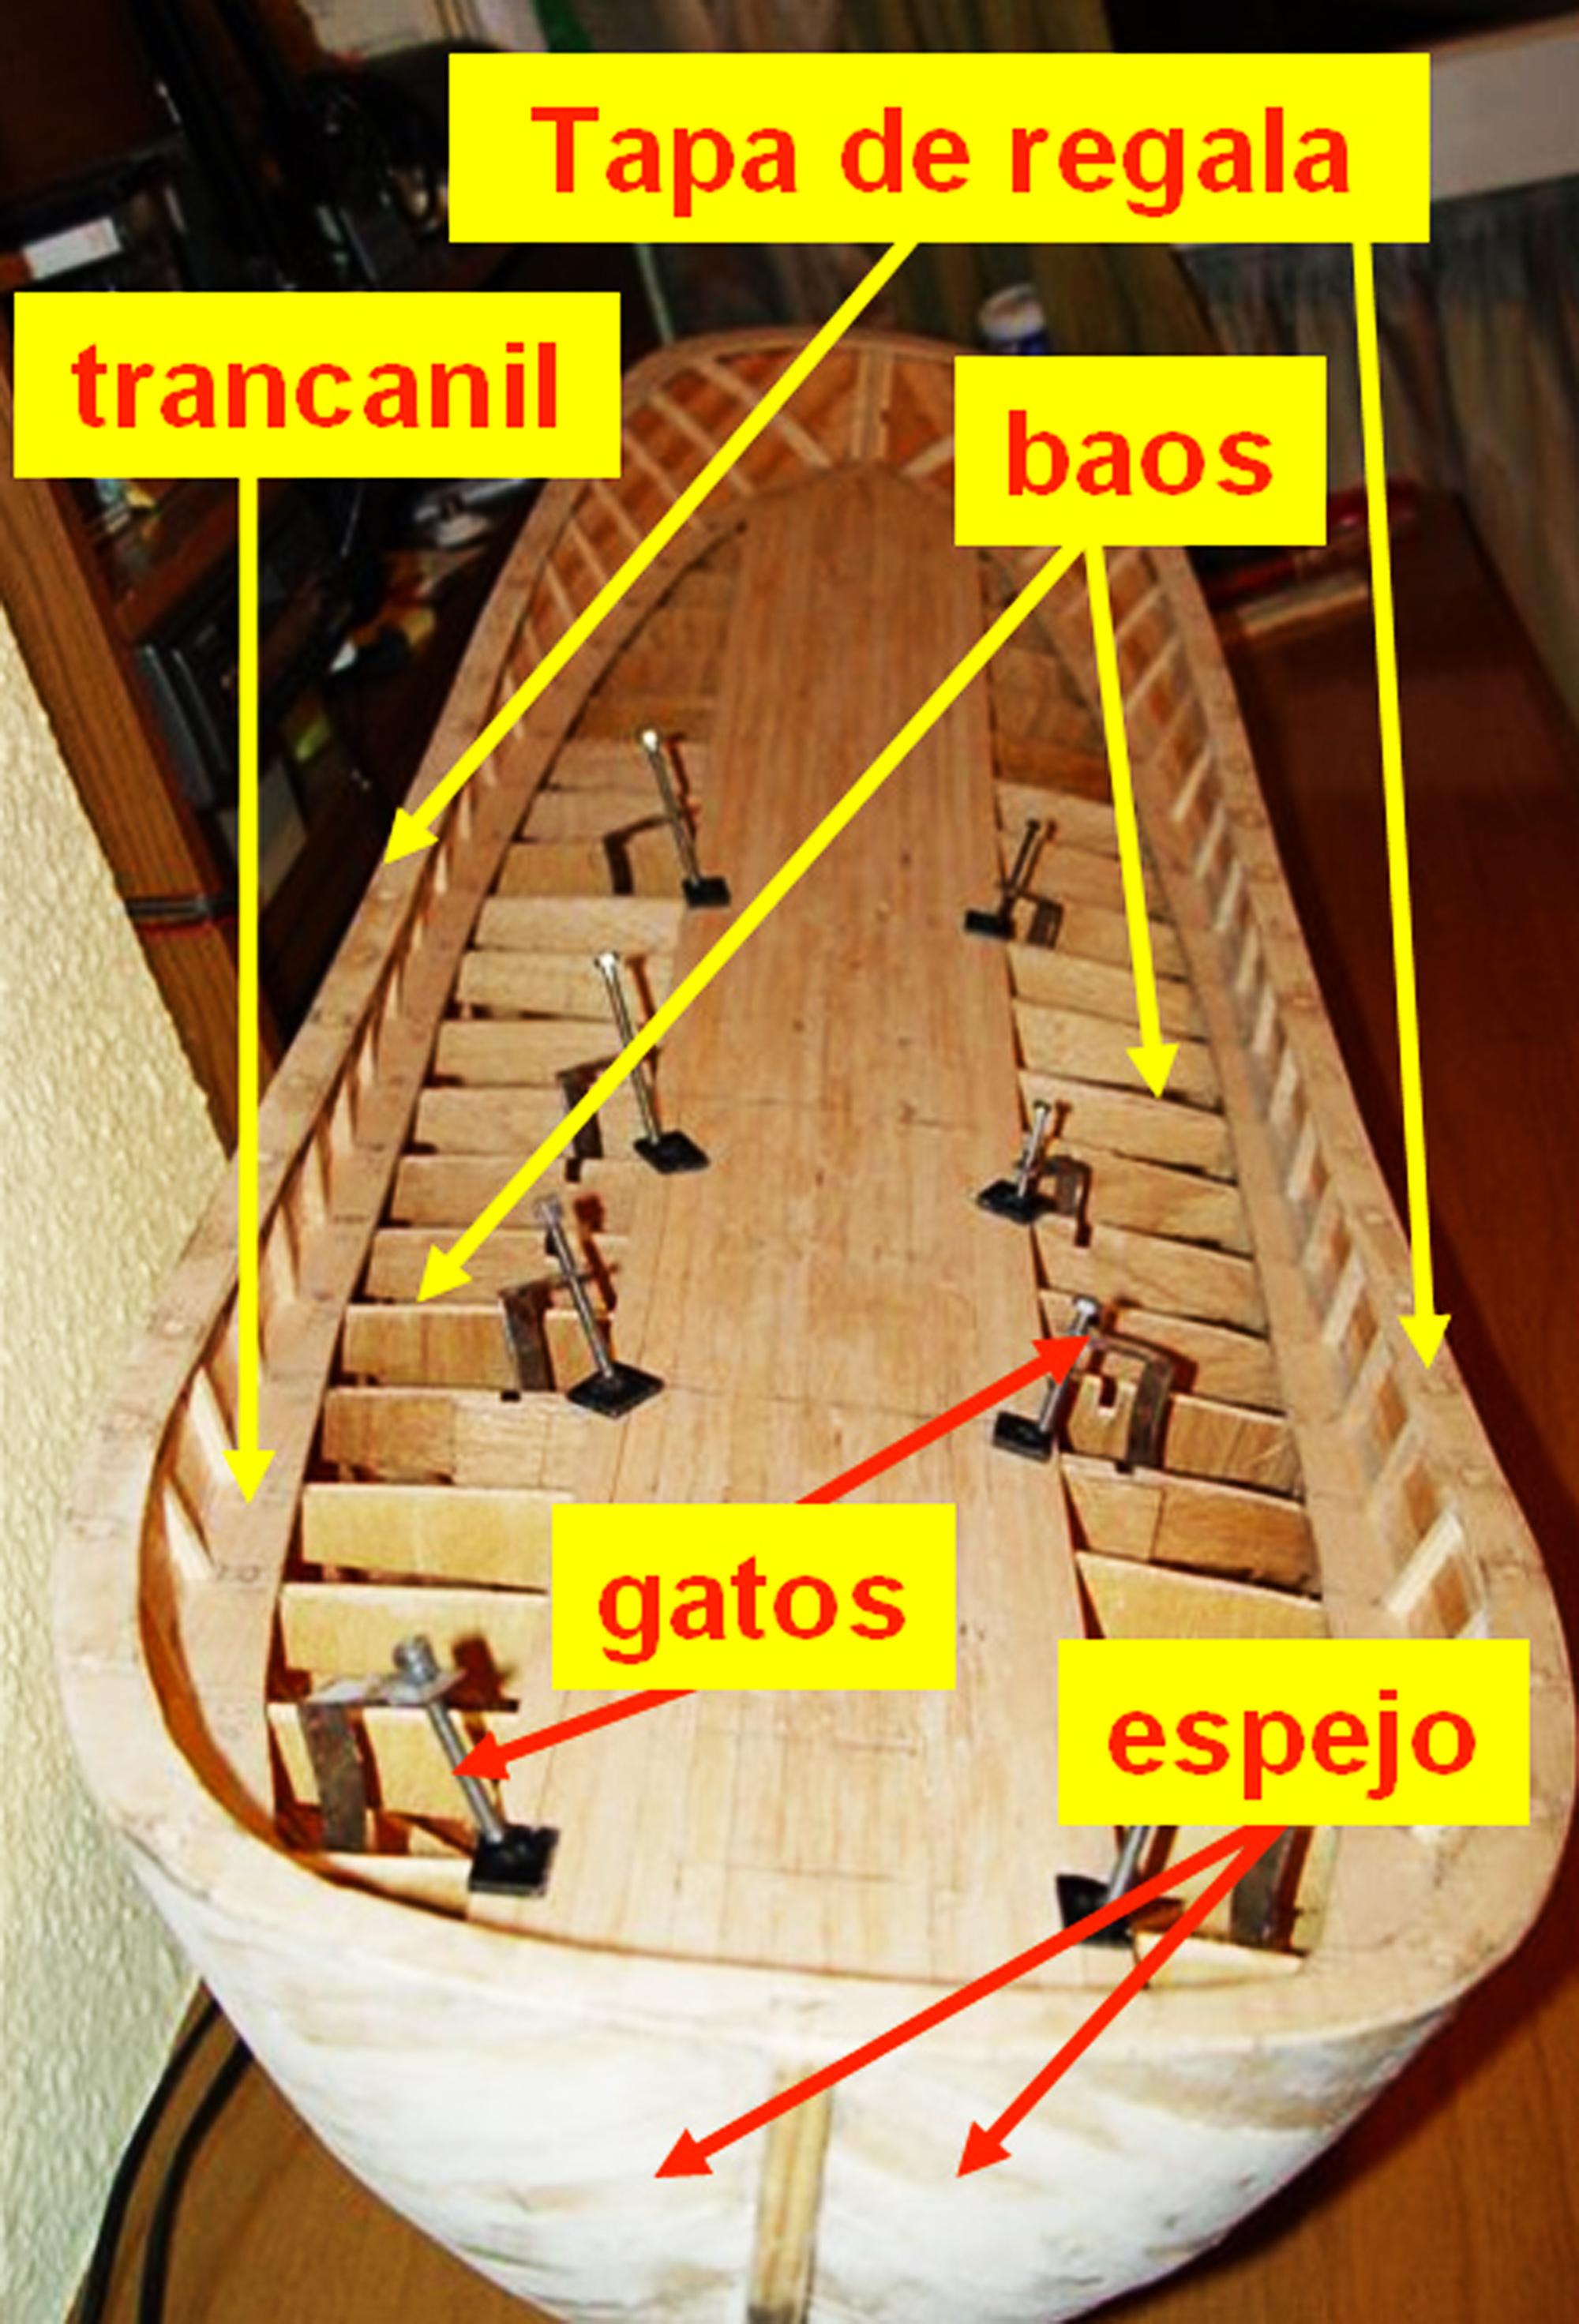 Se regala en la primera en el msn ecuador milagro - 2 9